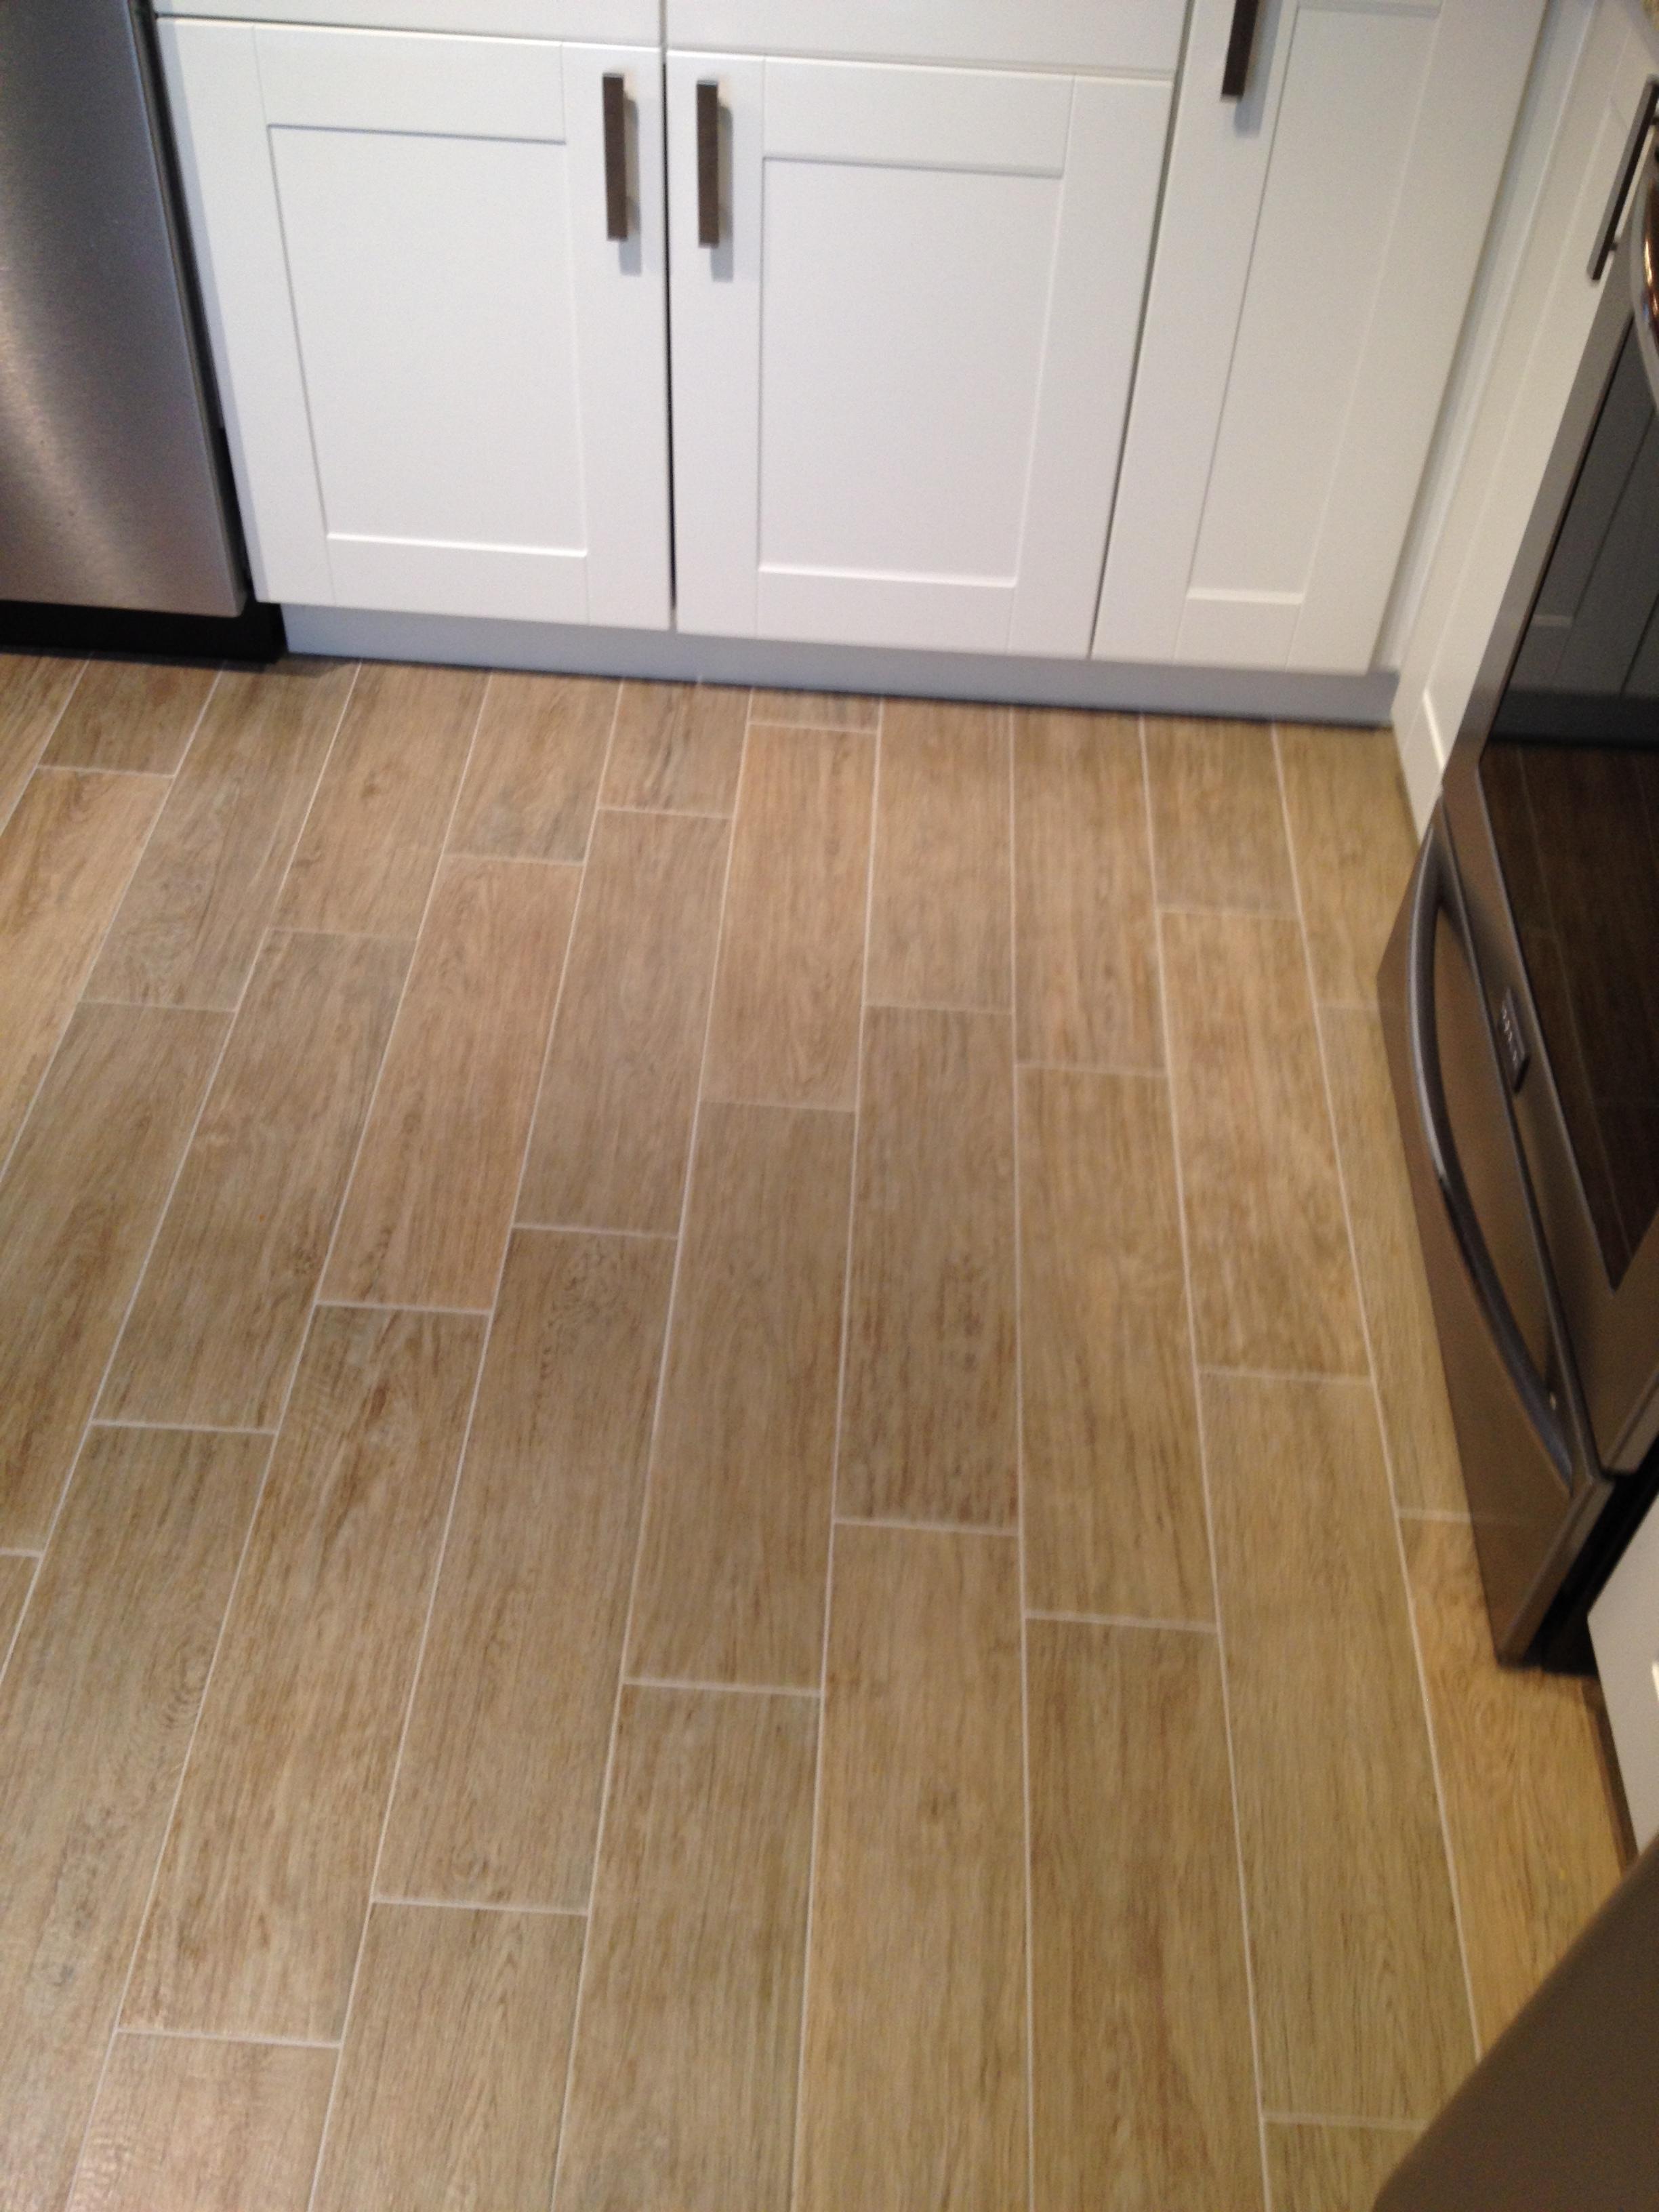 Hampton Blonde Oak Plank Tile Installed In New Port